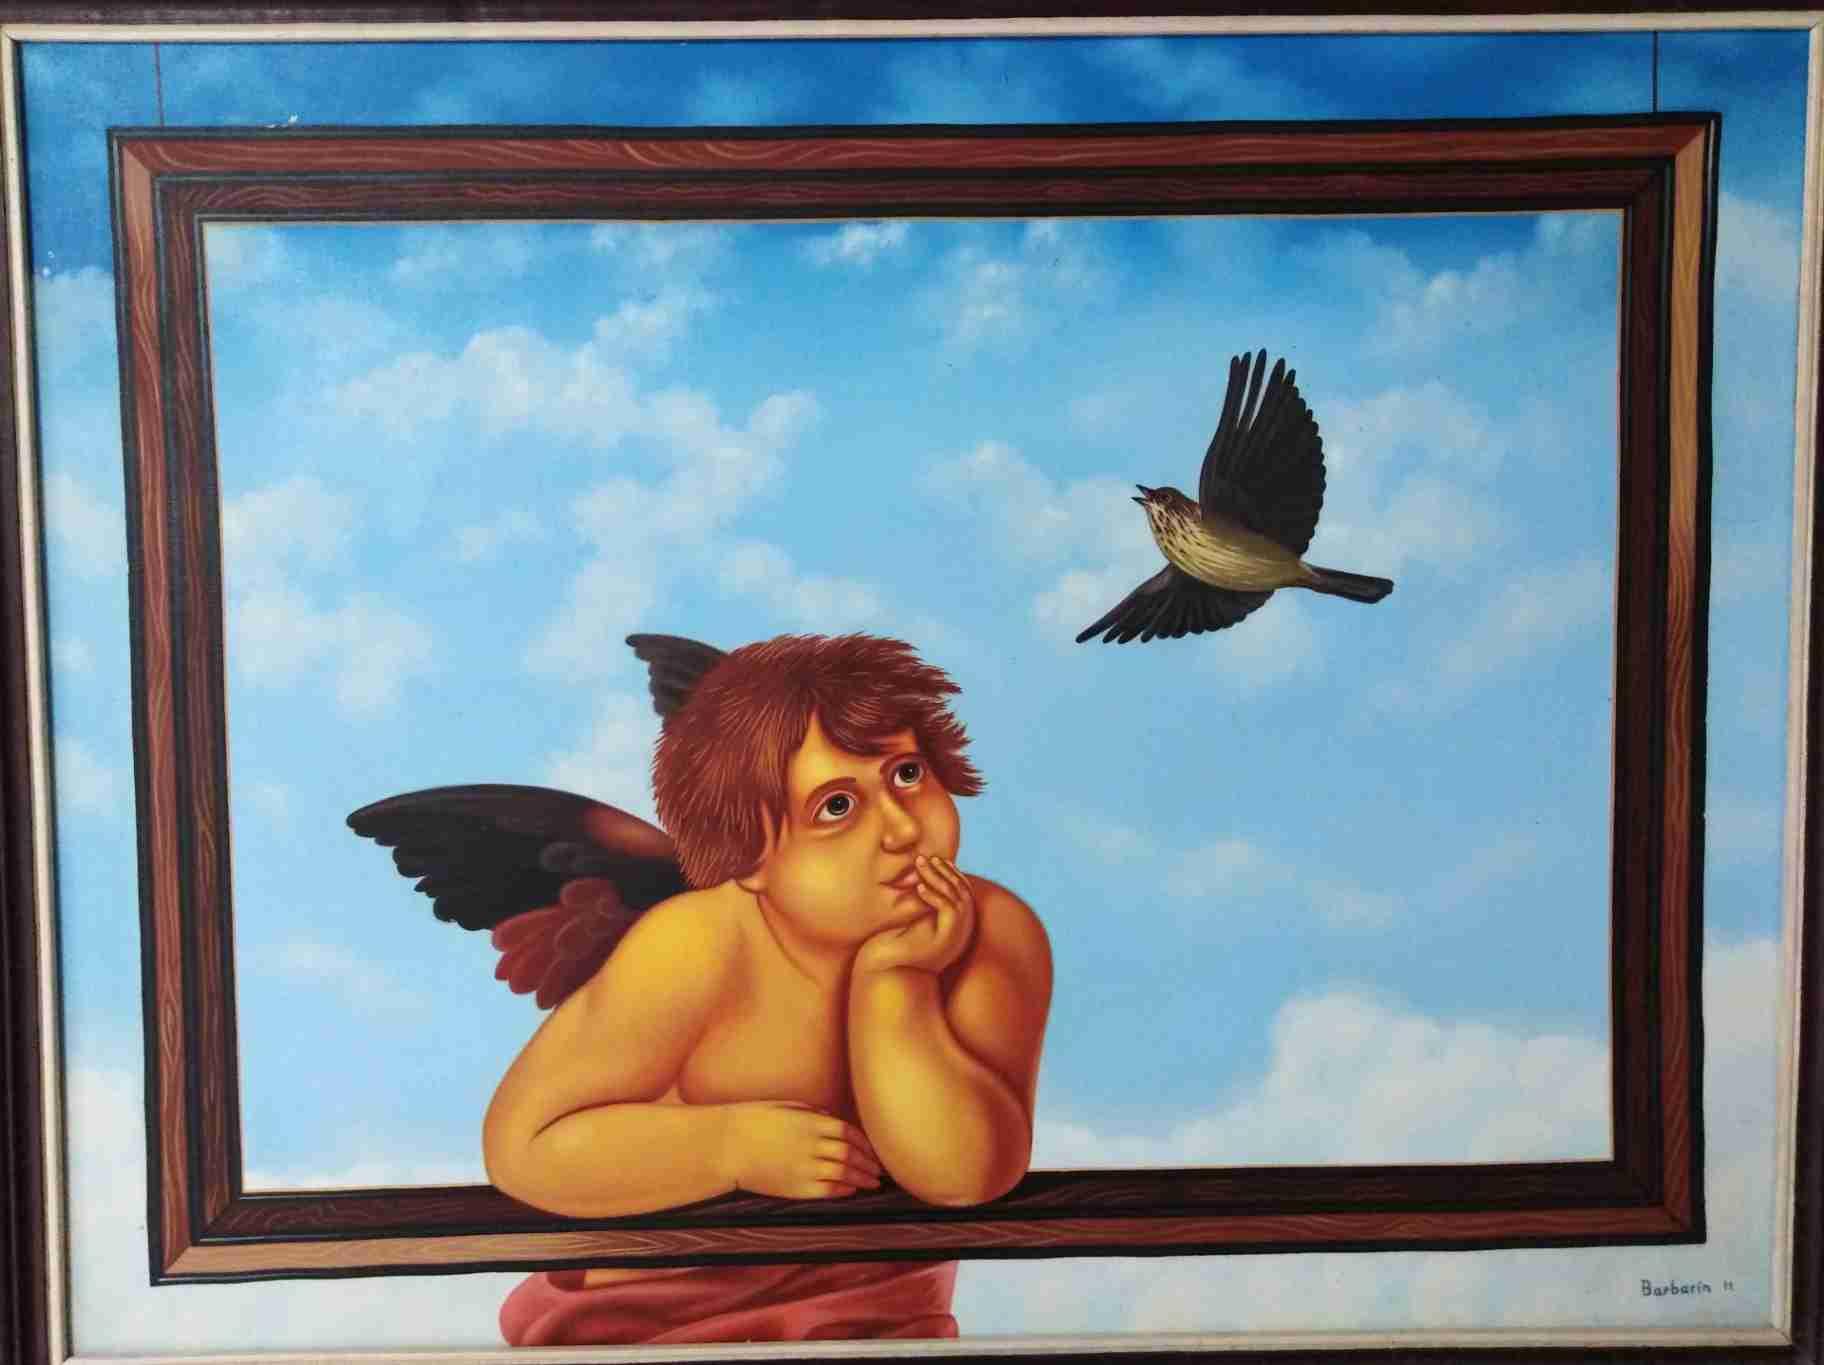 Obra: Retrato de un ángel